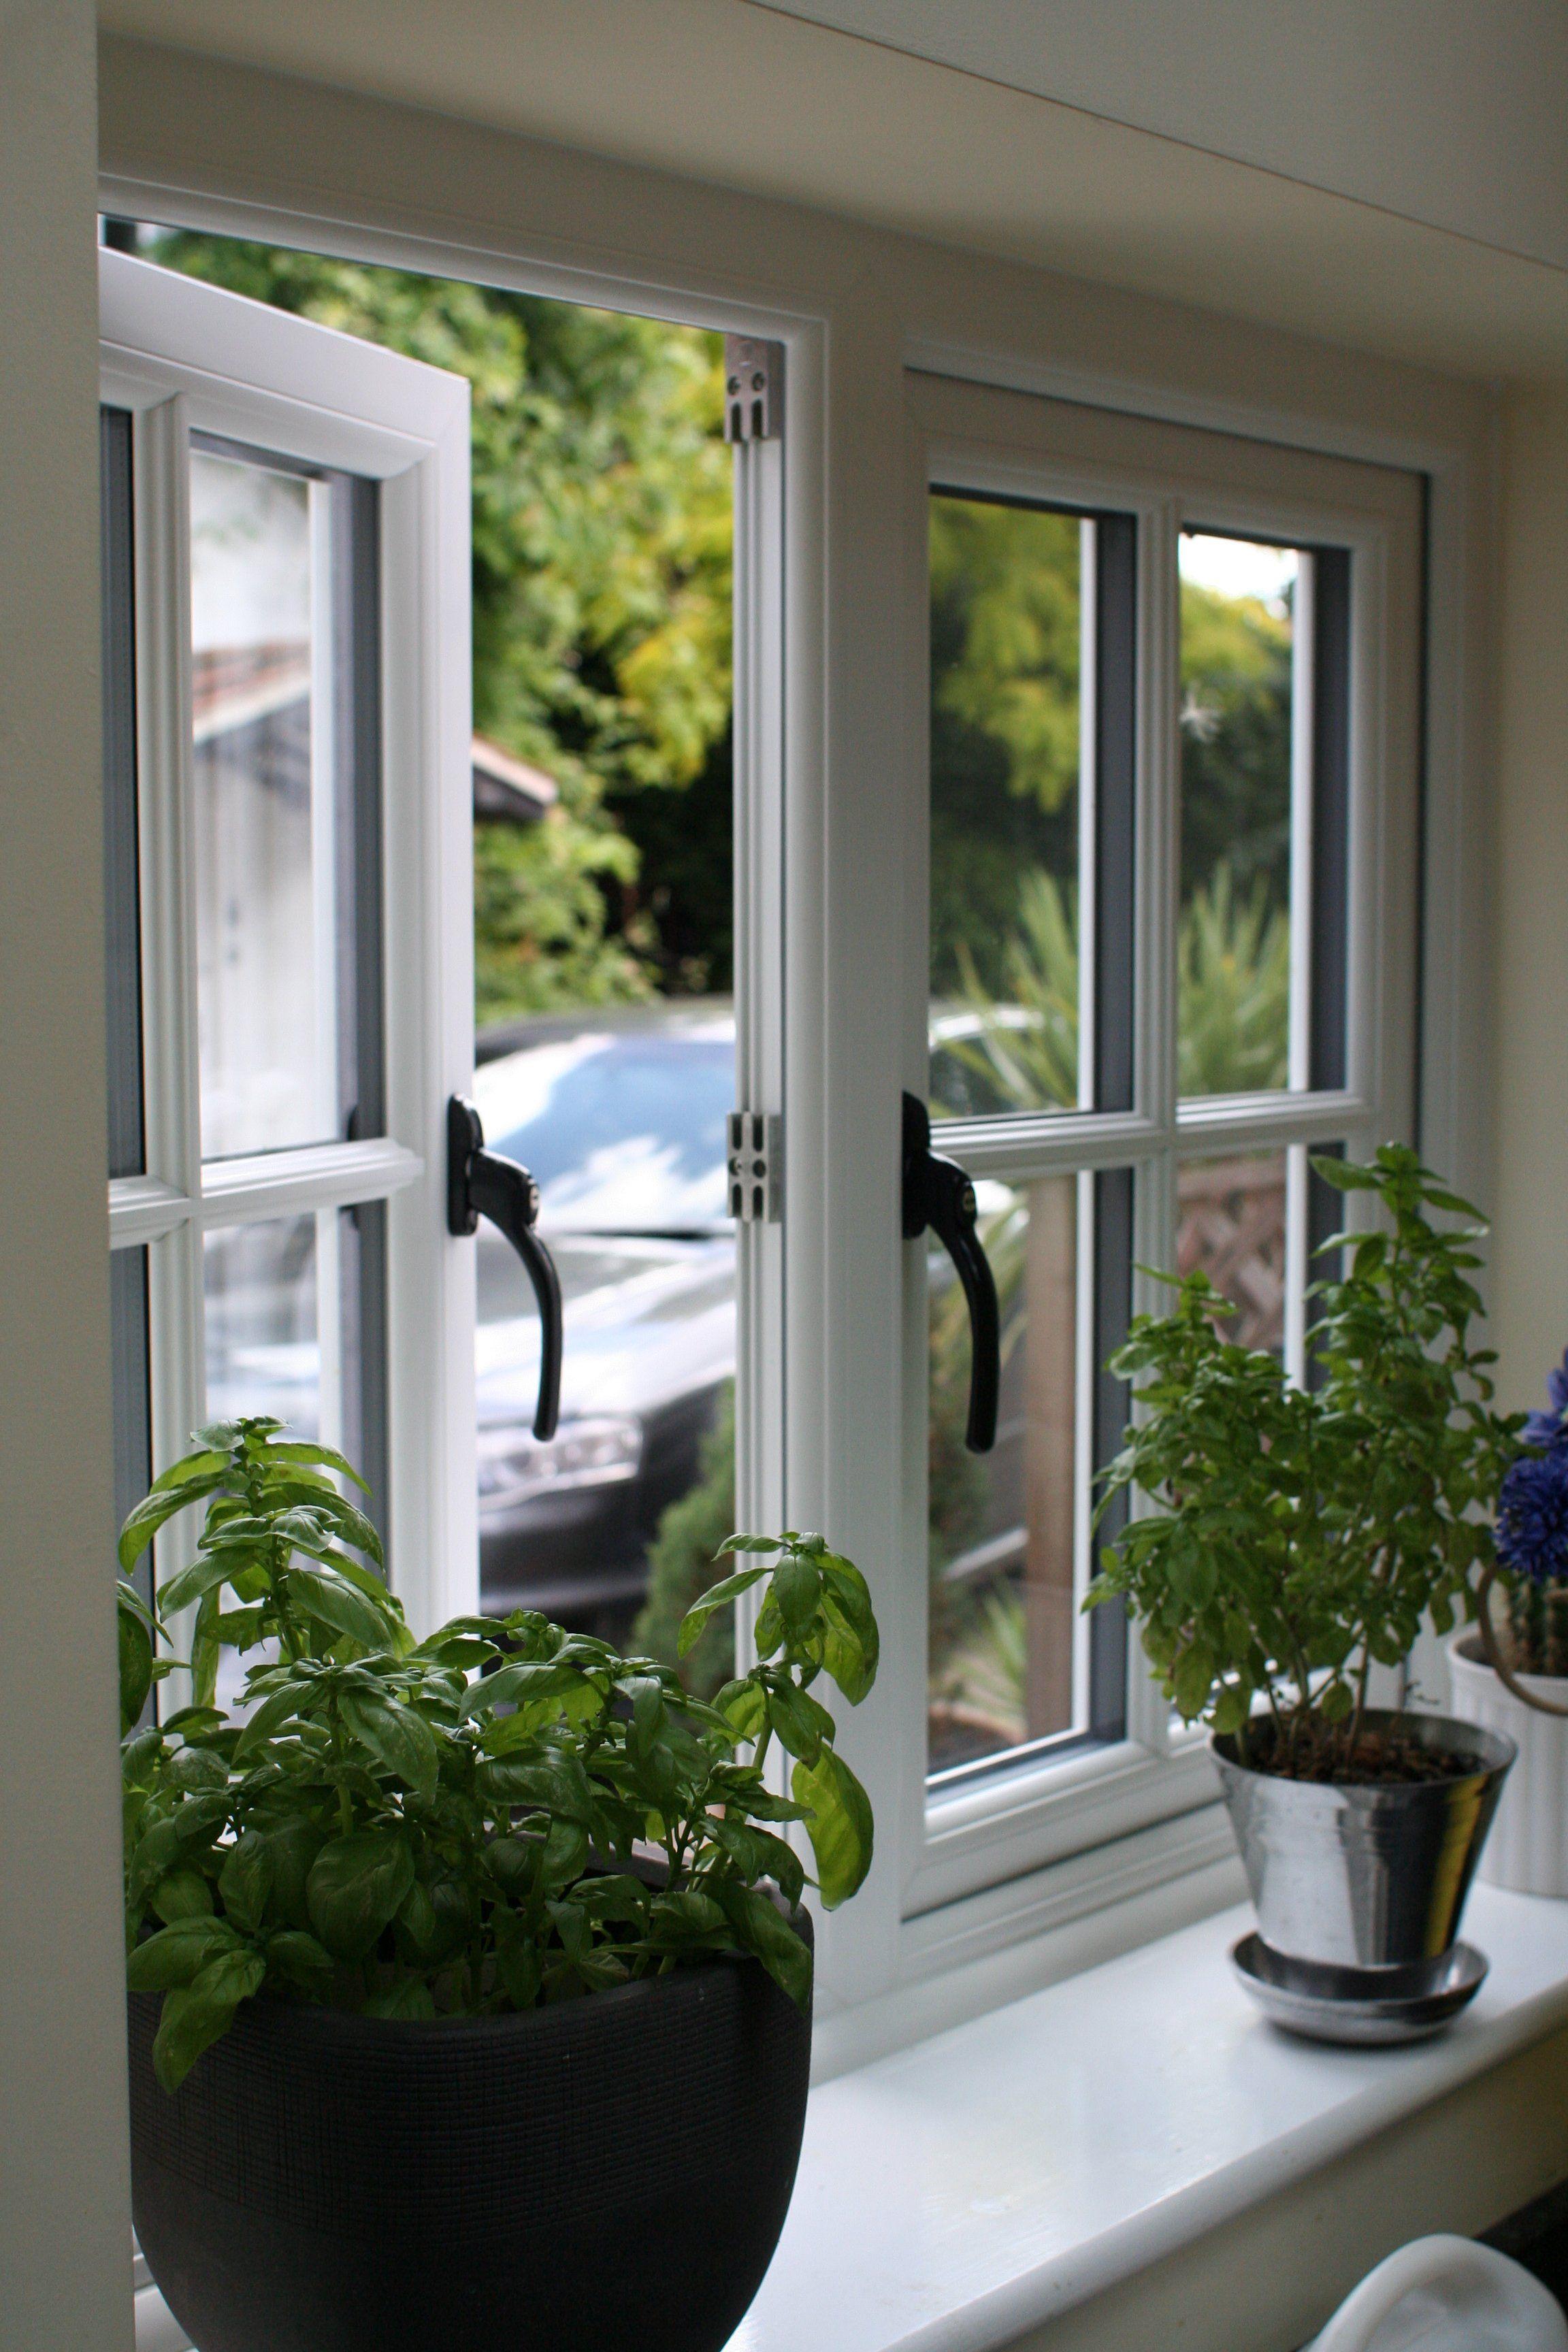 Pots Of Herbs Cottage Windows Upvc Windows Window Styles